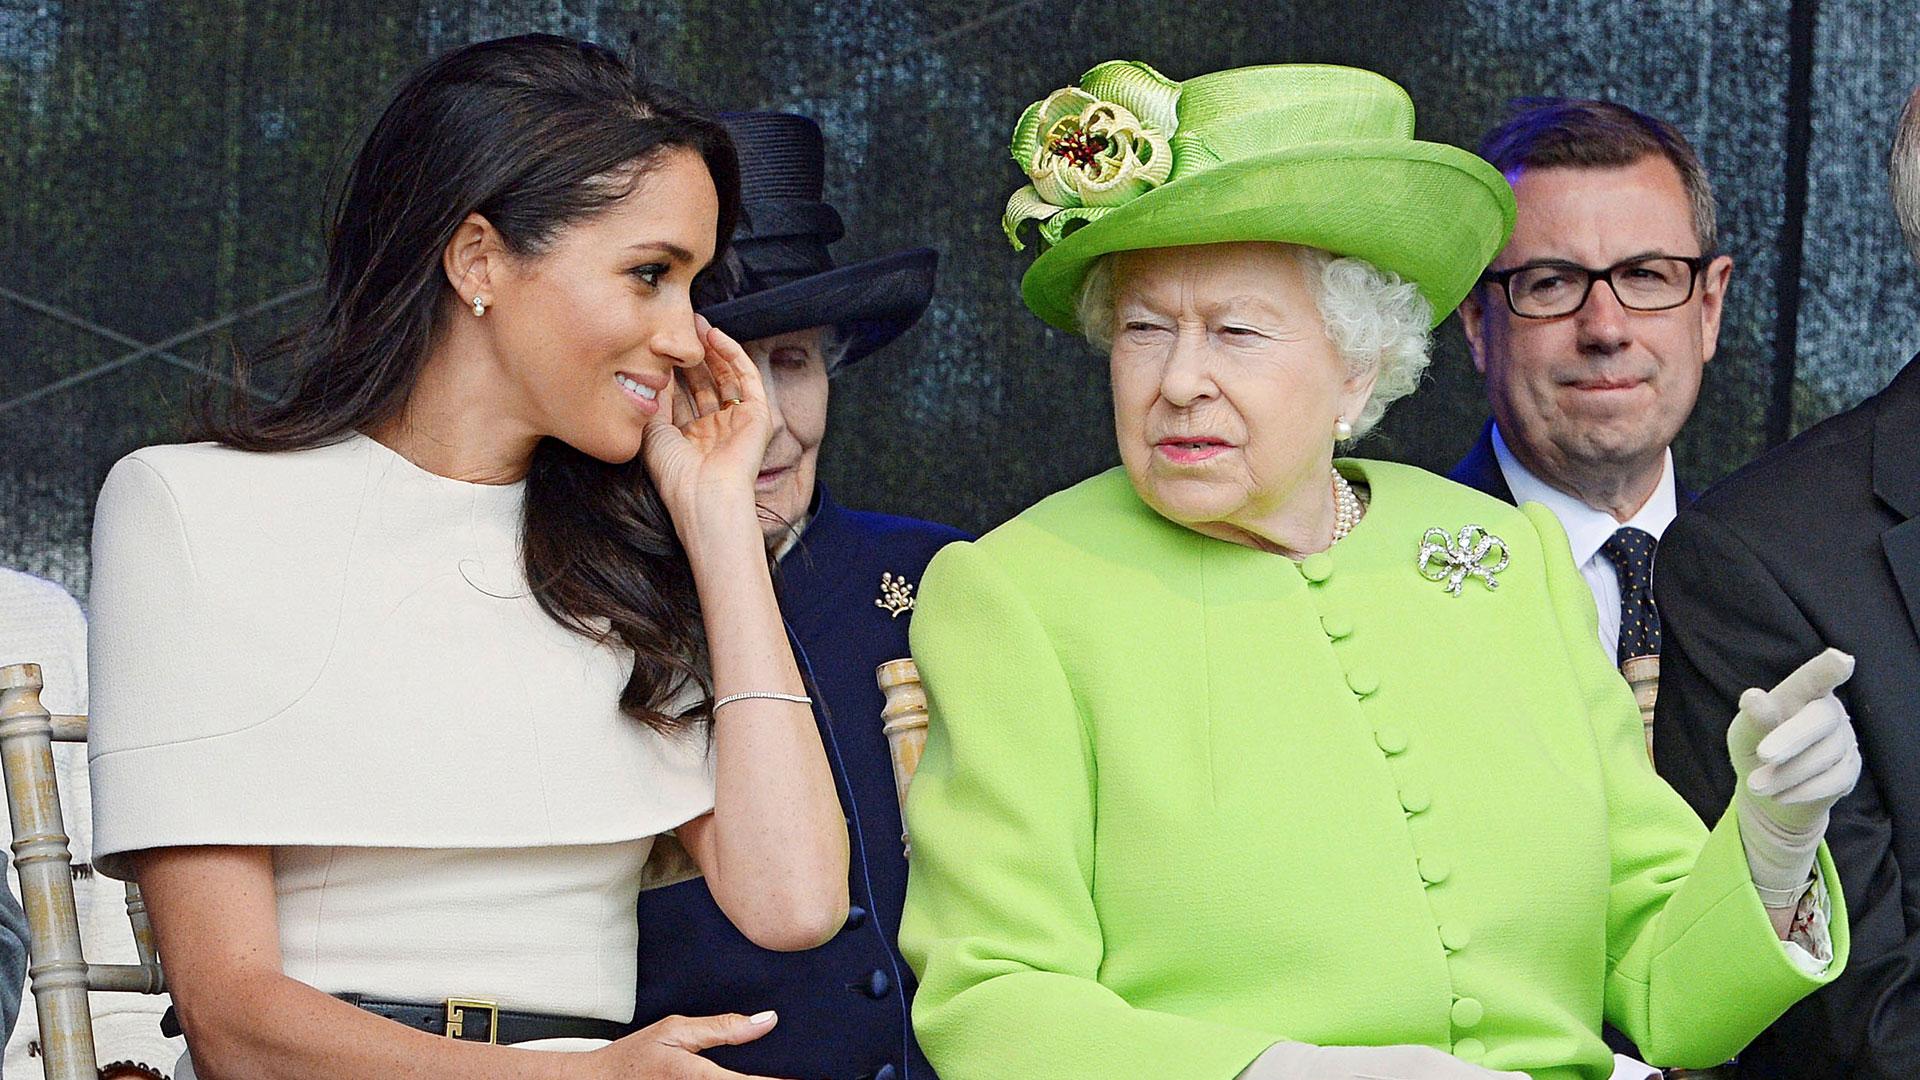 Un gesto que rápidamente la monarca le pidió corregir